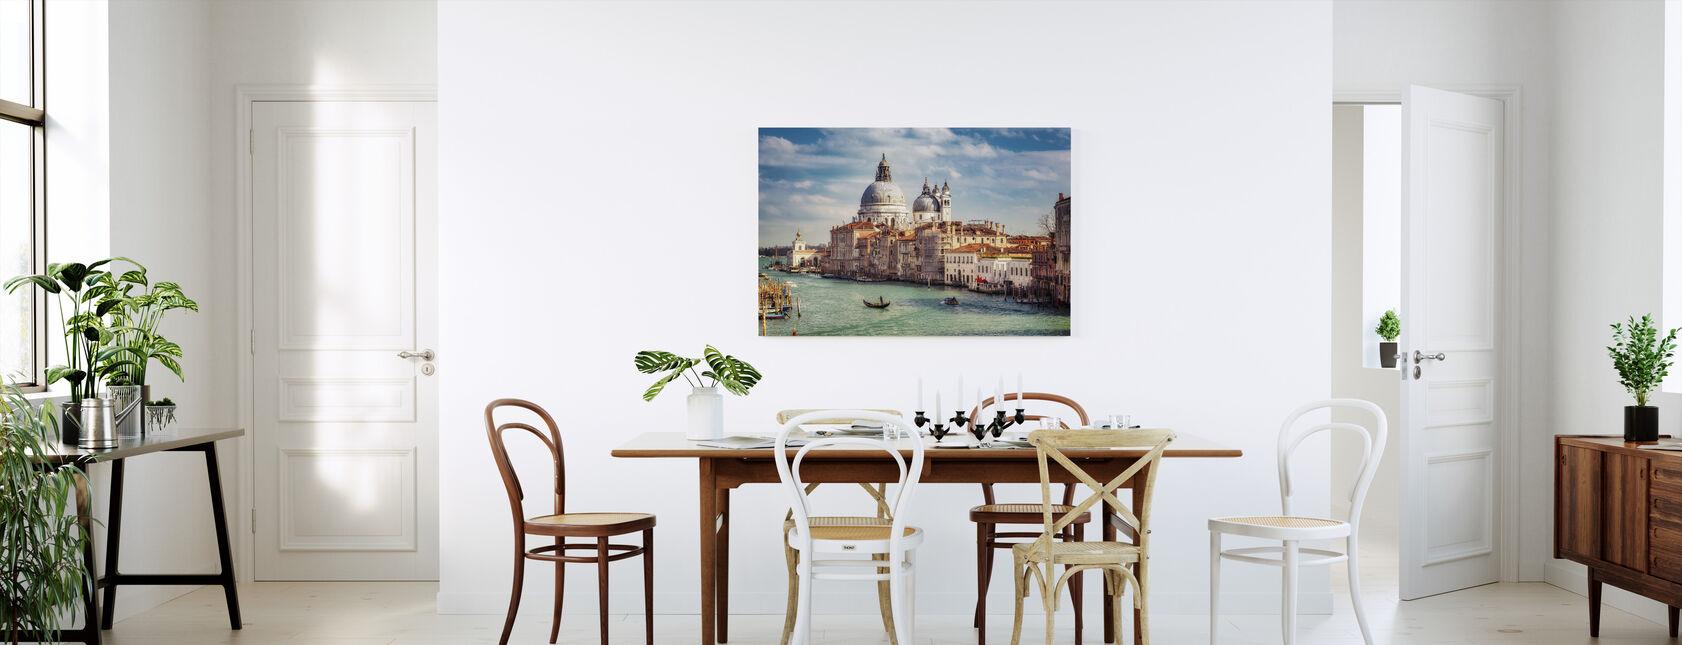 Basílica de Santa Maria della Salute en Venecia - Lienzo - Cocina